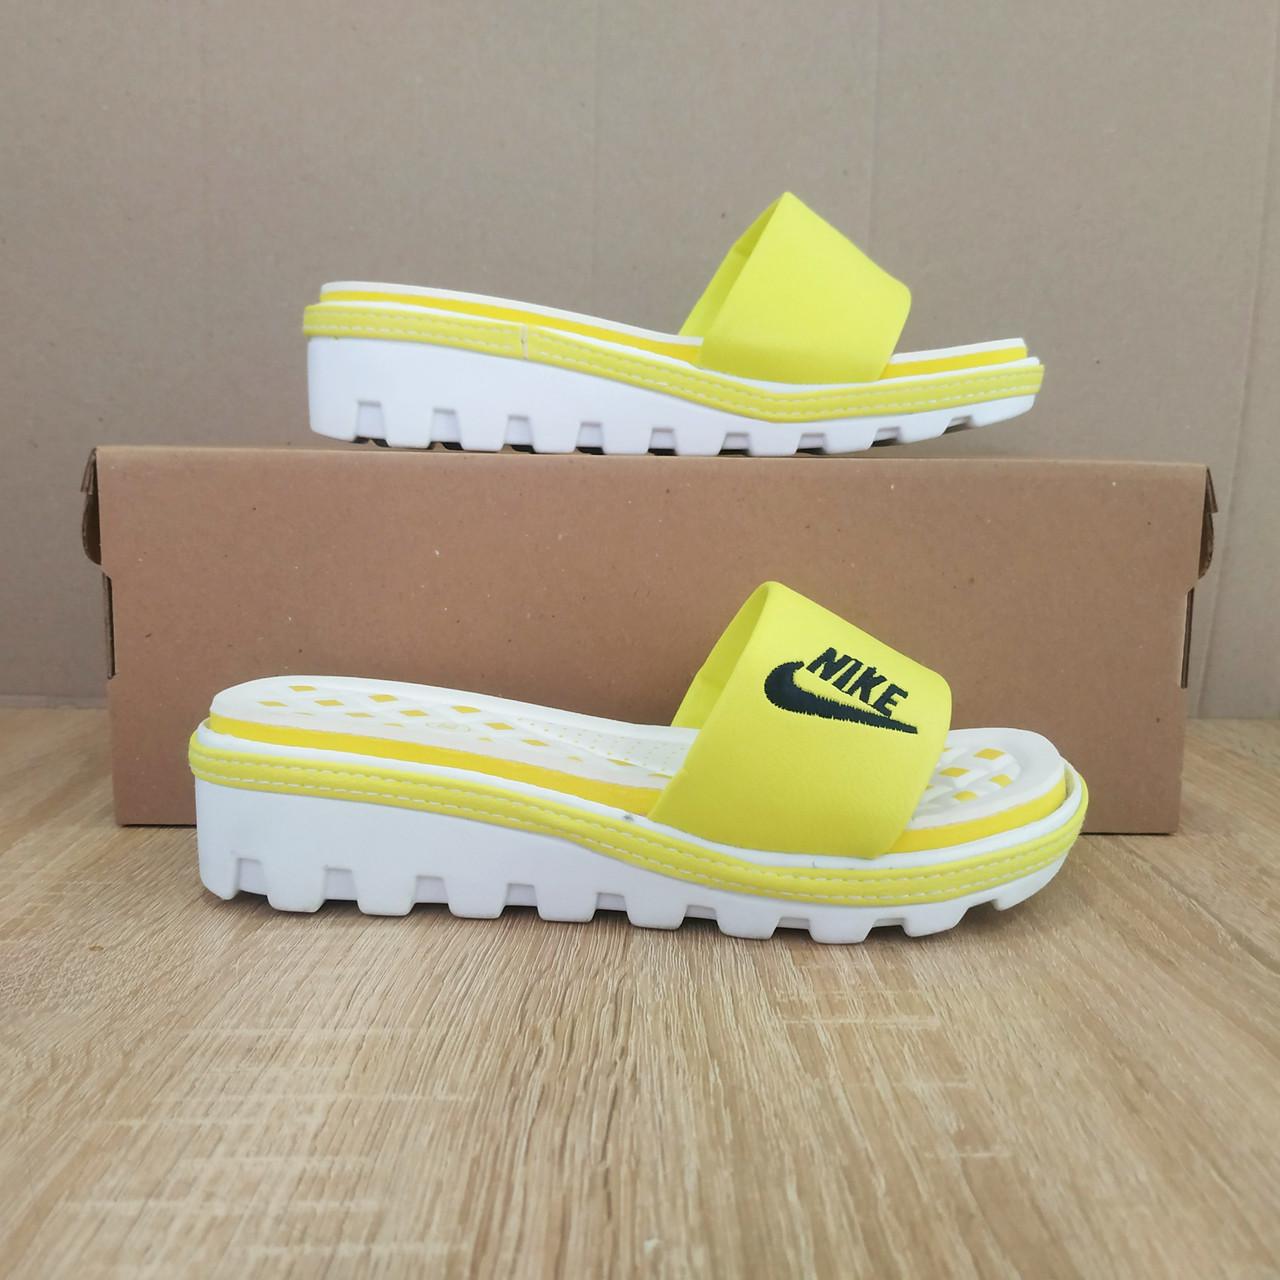 Розпродаж! Шльопанці Nike жовті з чорним шльопанці танкетка . тракторна підошва